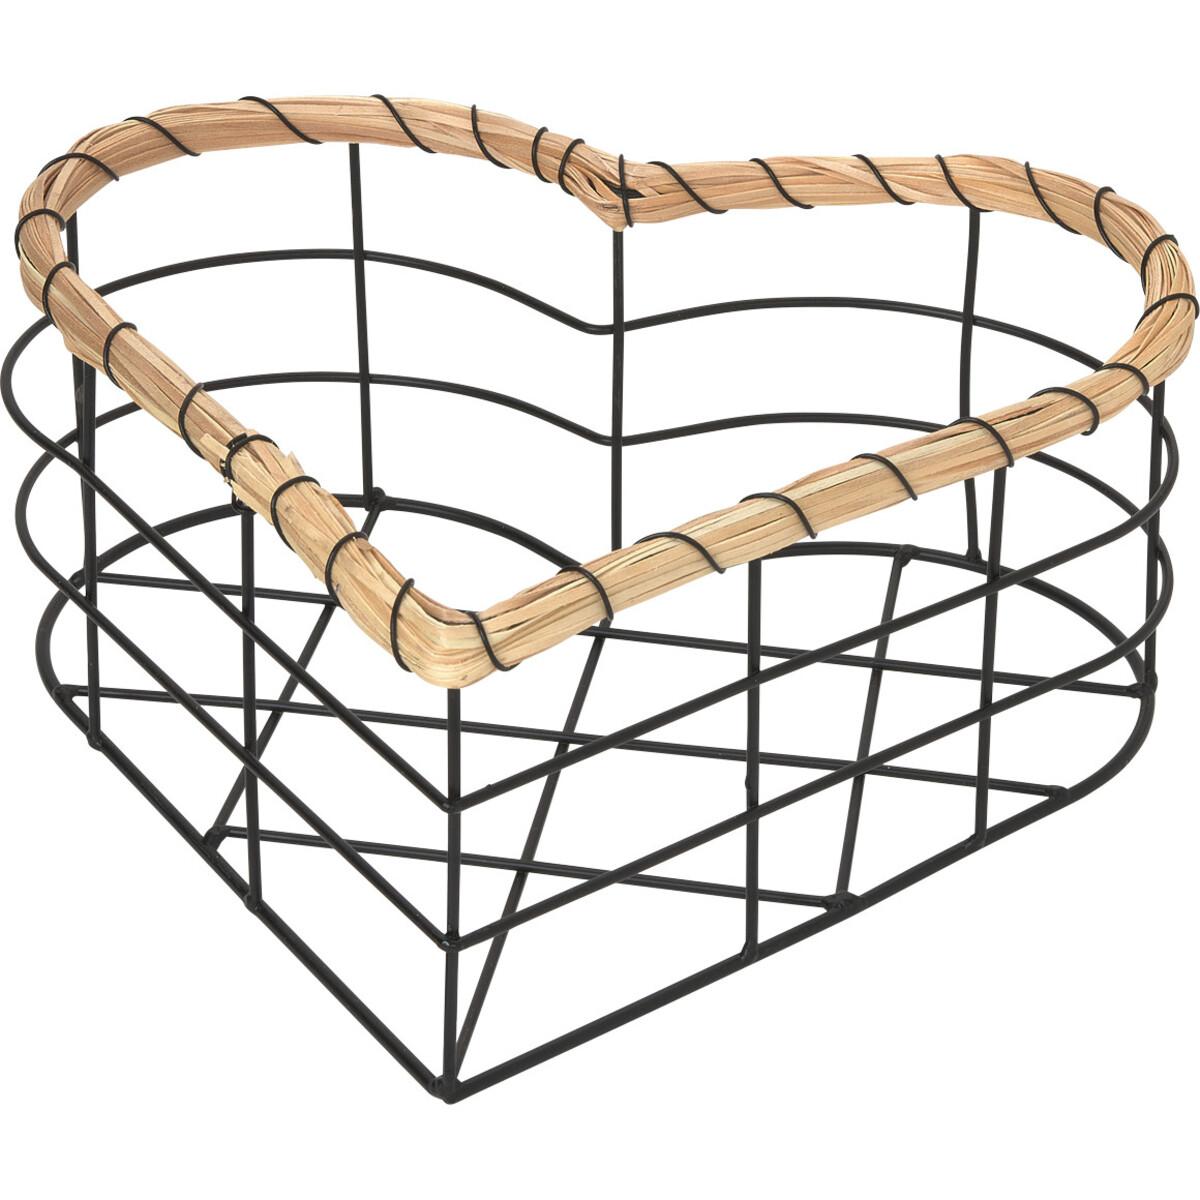 Bild 1 von Großer Metallkorb in Herz-Form